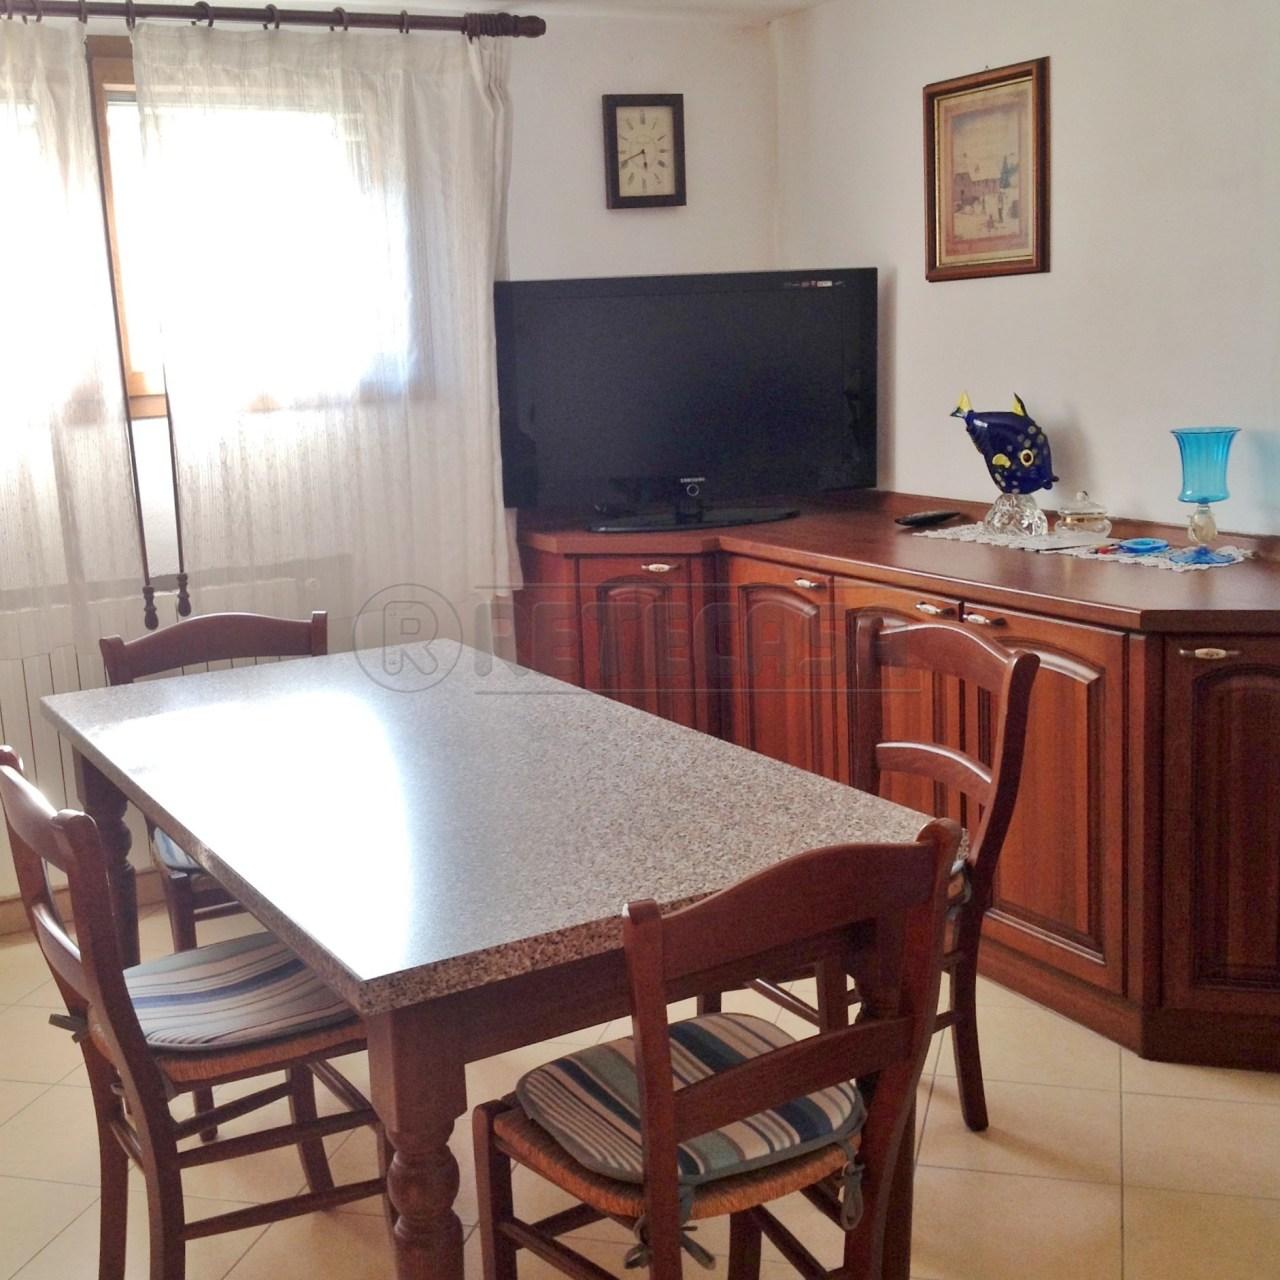 Villa in vendita a Padova, 7 locali, prezzo € 290.000 | Cambio Casa.it